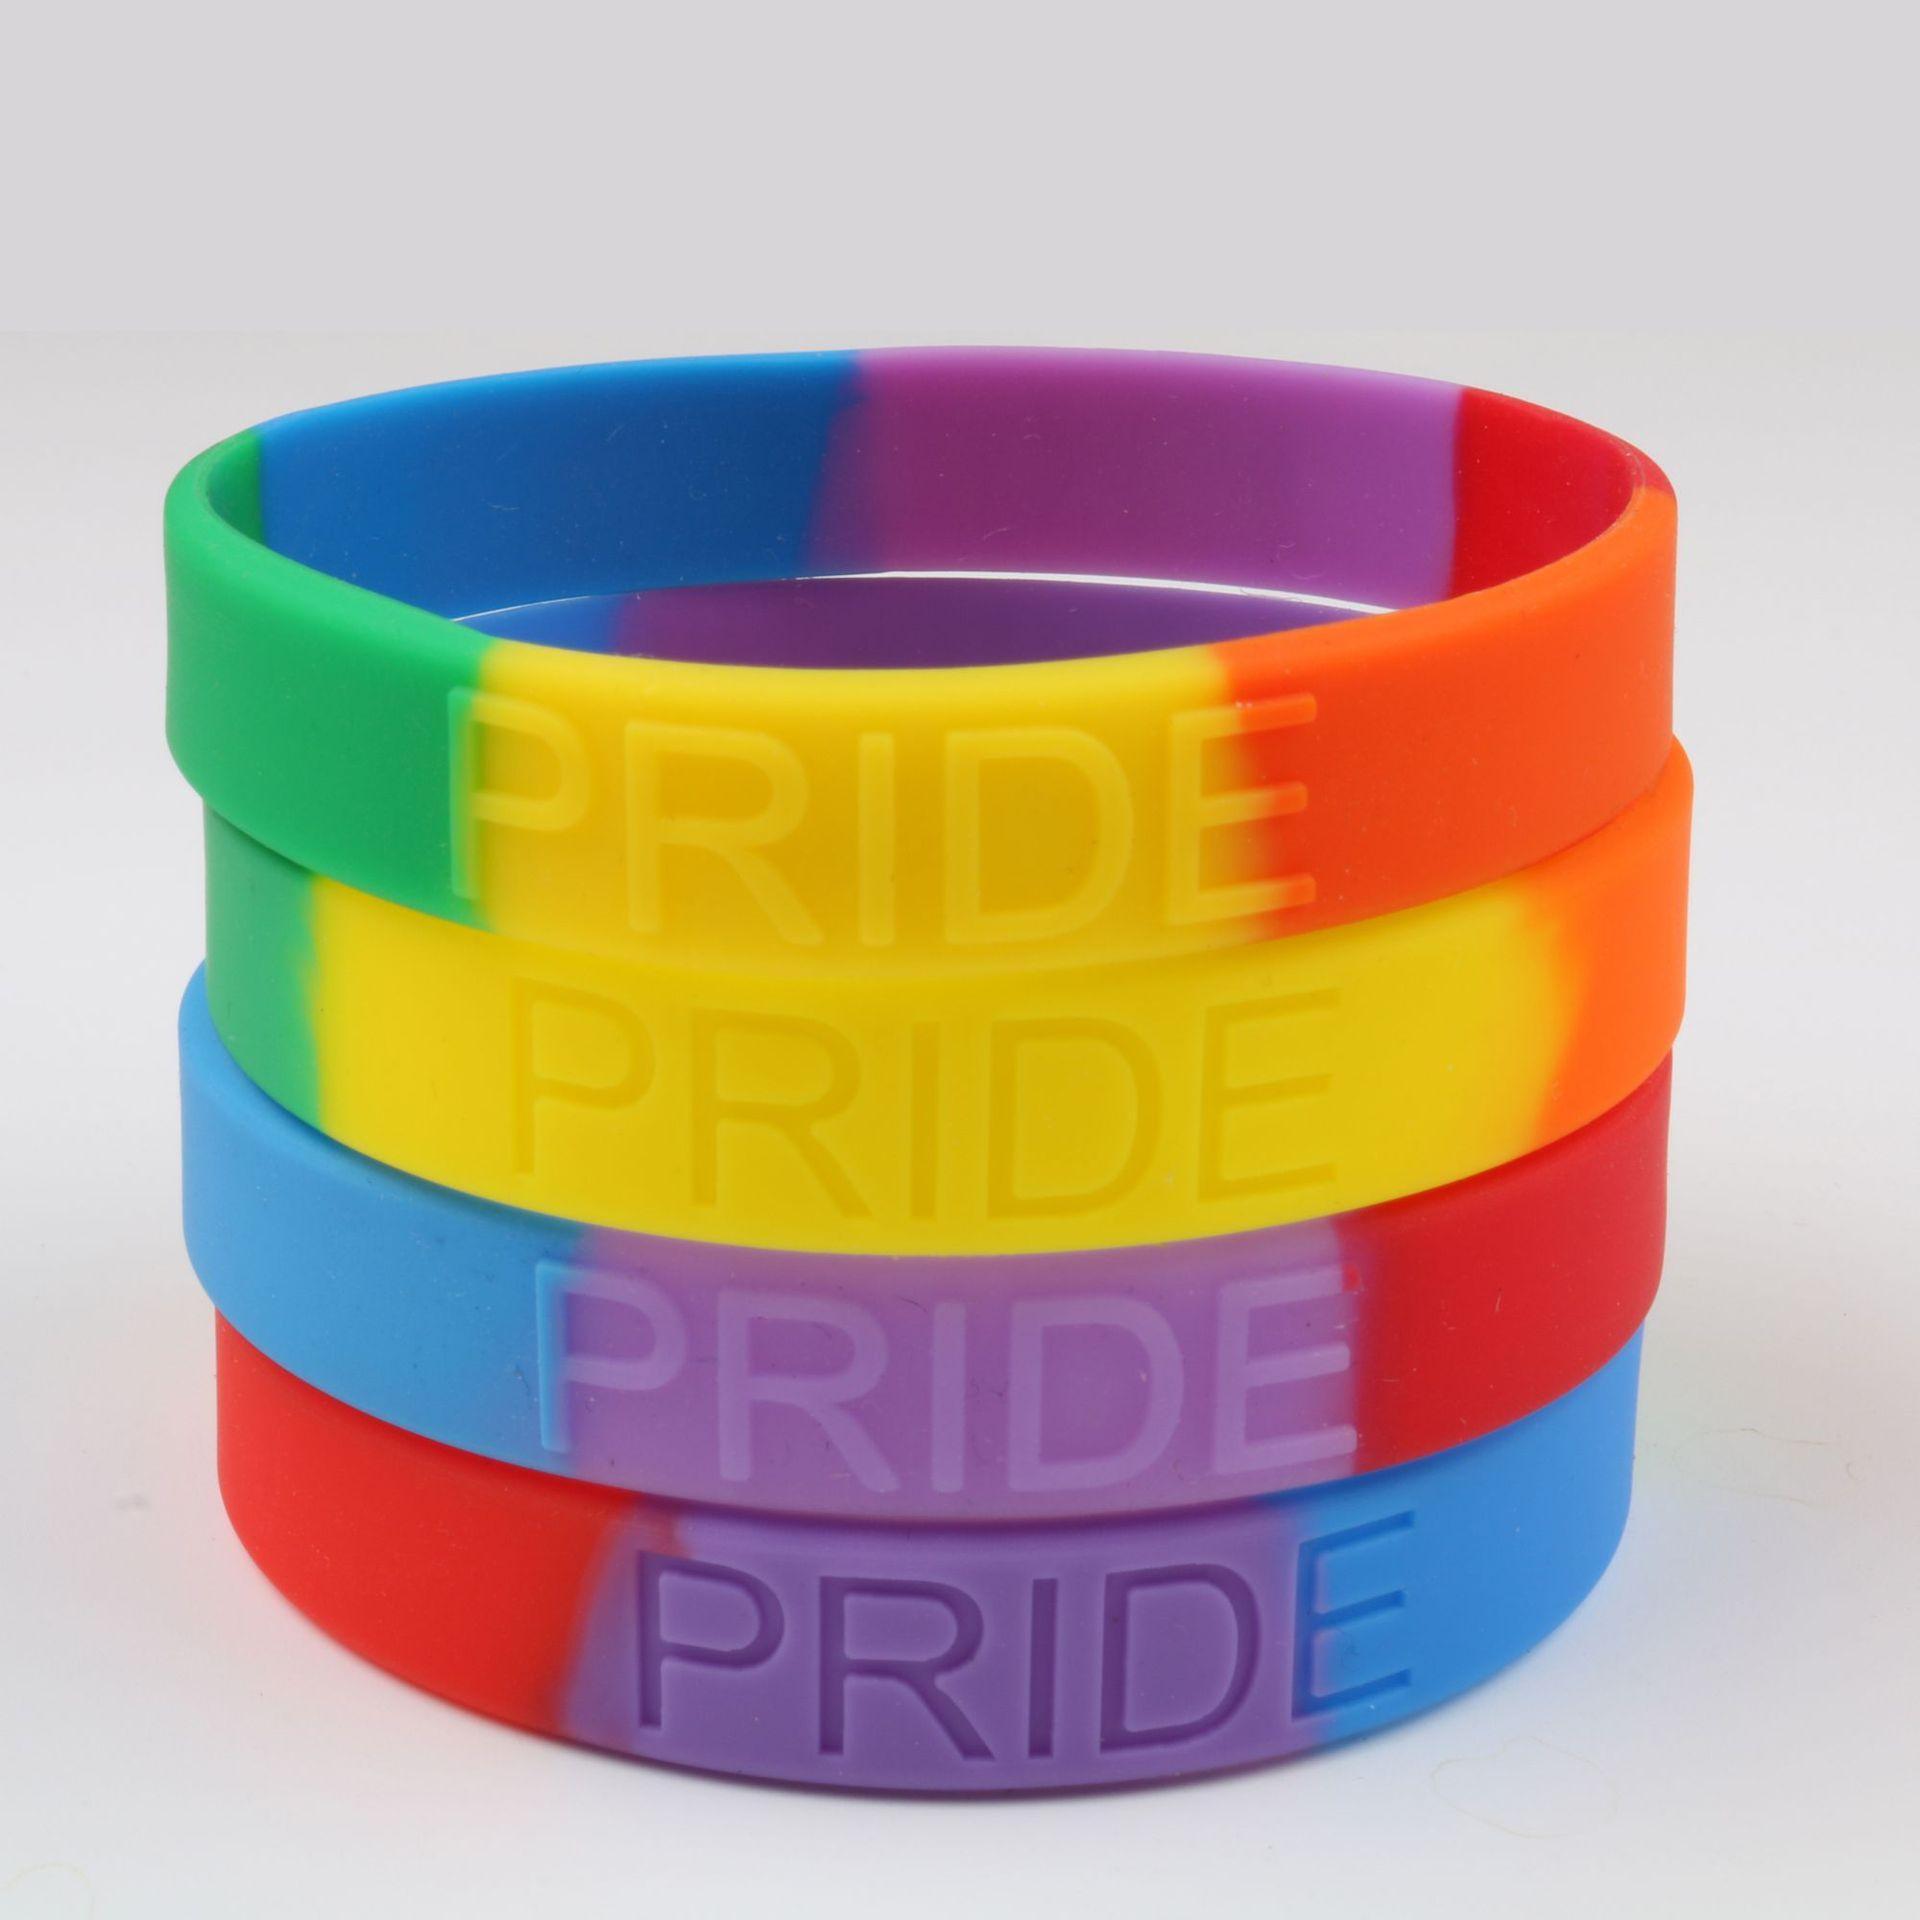 Радуга силиконовые браслеты цвет силиконовые браслеты ЛГБТ ЛГБТ резиновые браслеты гей гордость радуги ювелирные изделия браслеты вечеринка предпочтение FFA2612